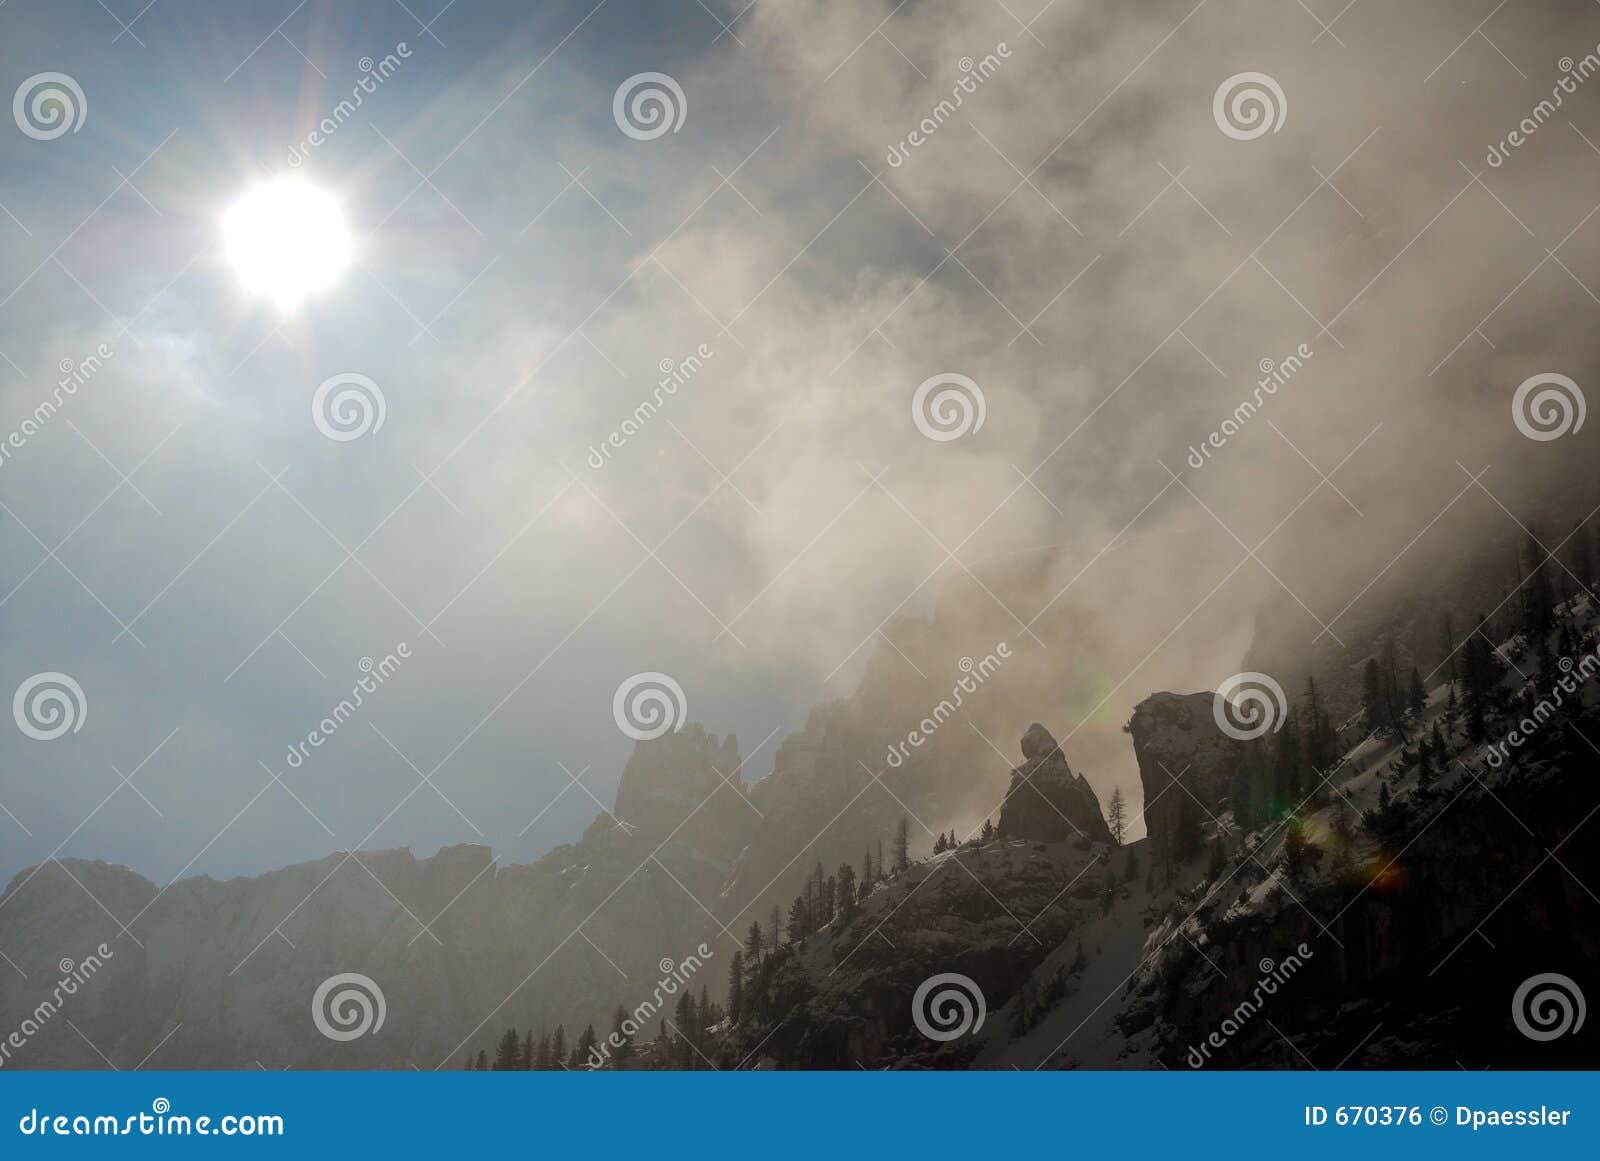 Drastische Szene mit Sonne, Wolken und Felsen